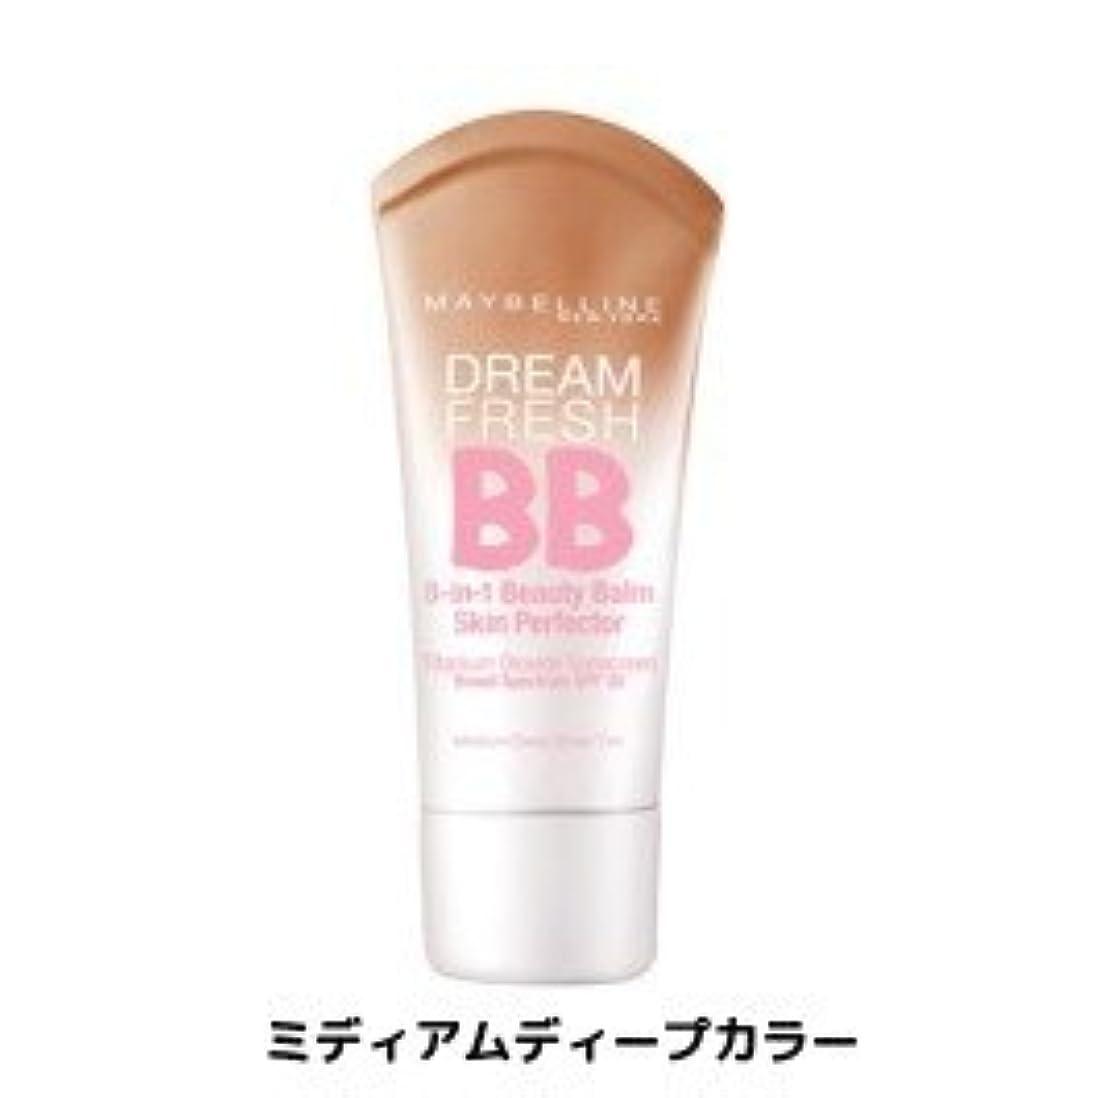 元気体現する並外れたメイベリン BBクリーム  SPF 30*Maybelline Dream Fresh BB Cream 30ml【平行輸入品】 (ミディアムディープカラー)